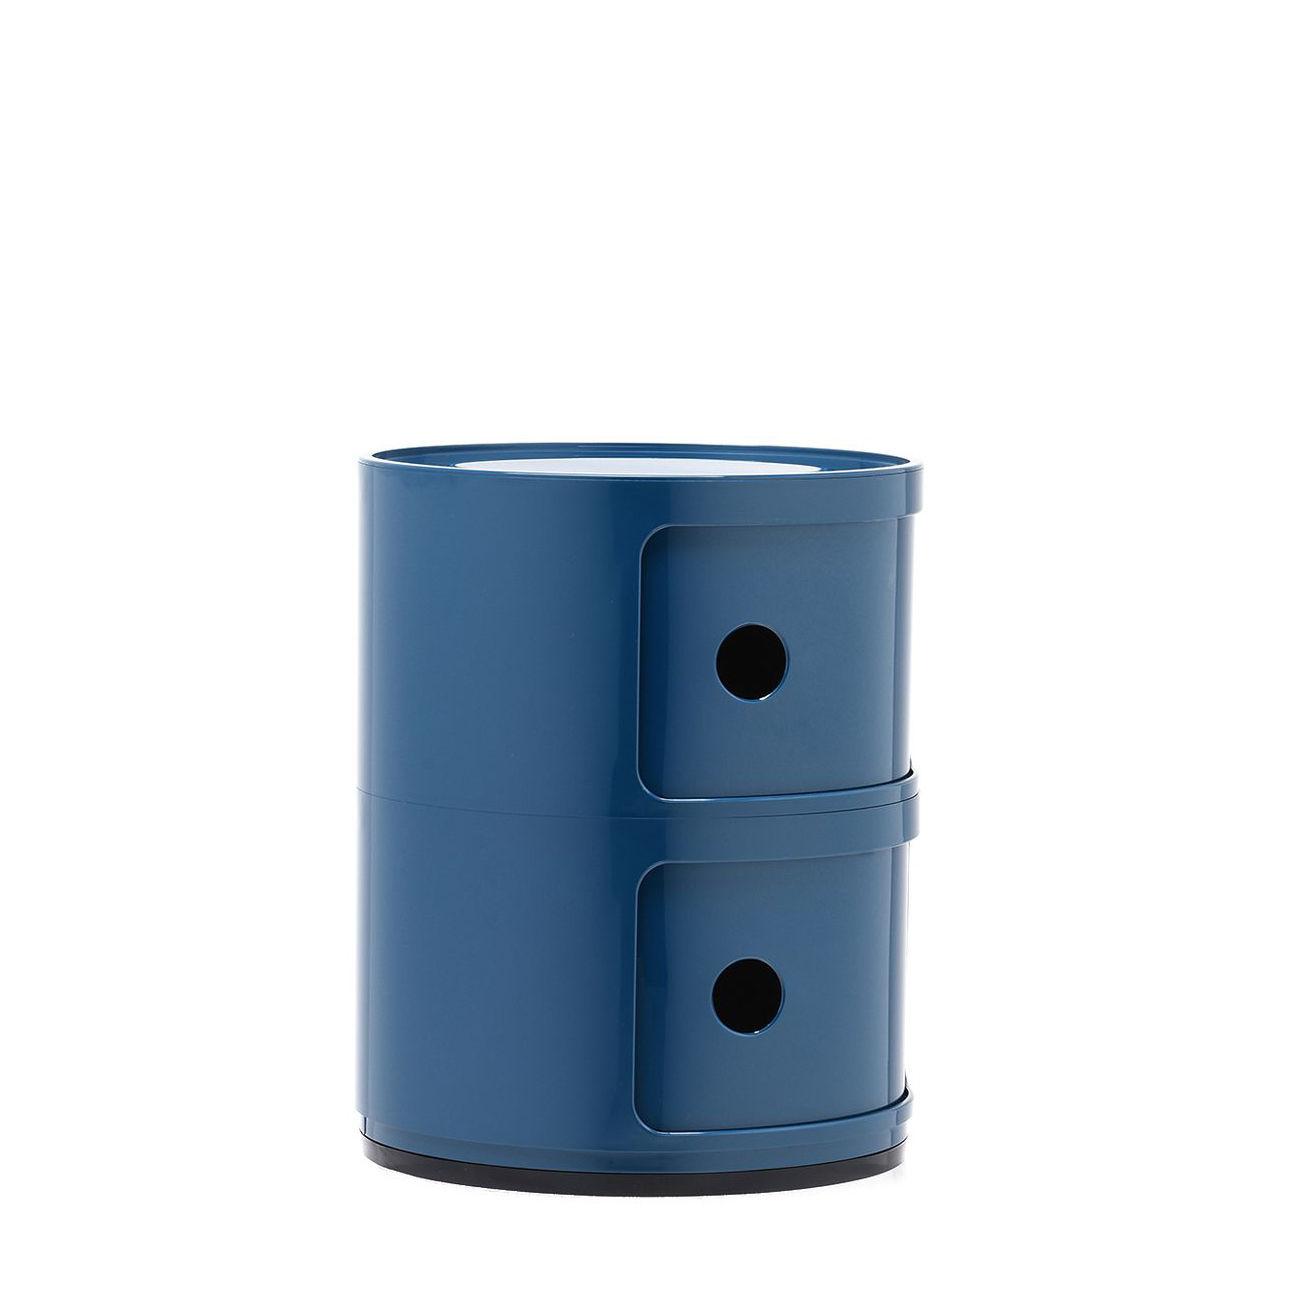 Componibili kast Kartell 2-deurs - blauw